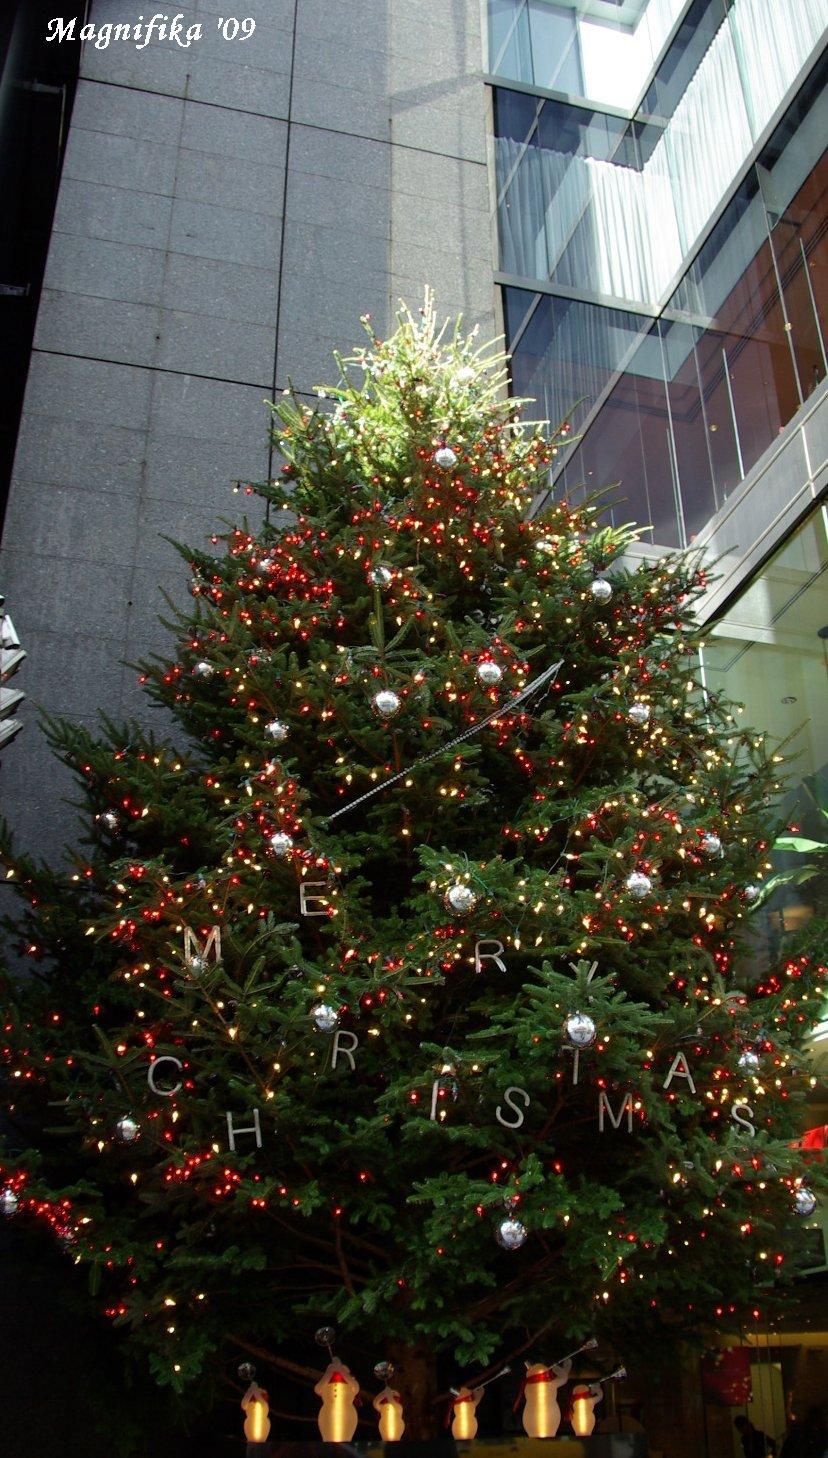 再び銀座のクリスマス Christmas Decoration Views of Ginza, Again_e0140365_20451995.jpg